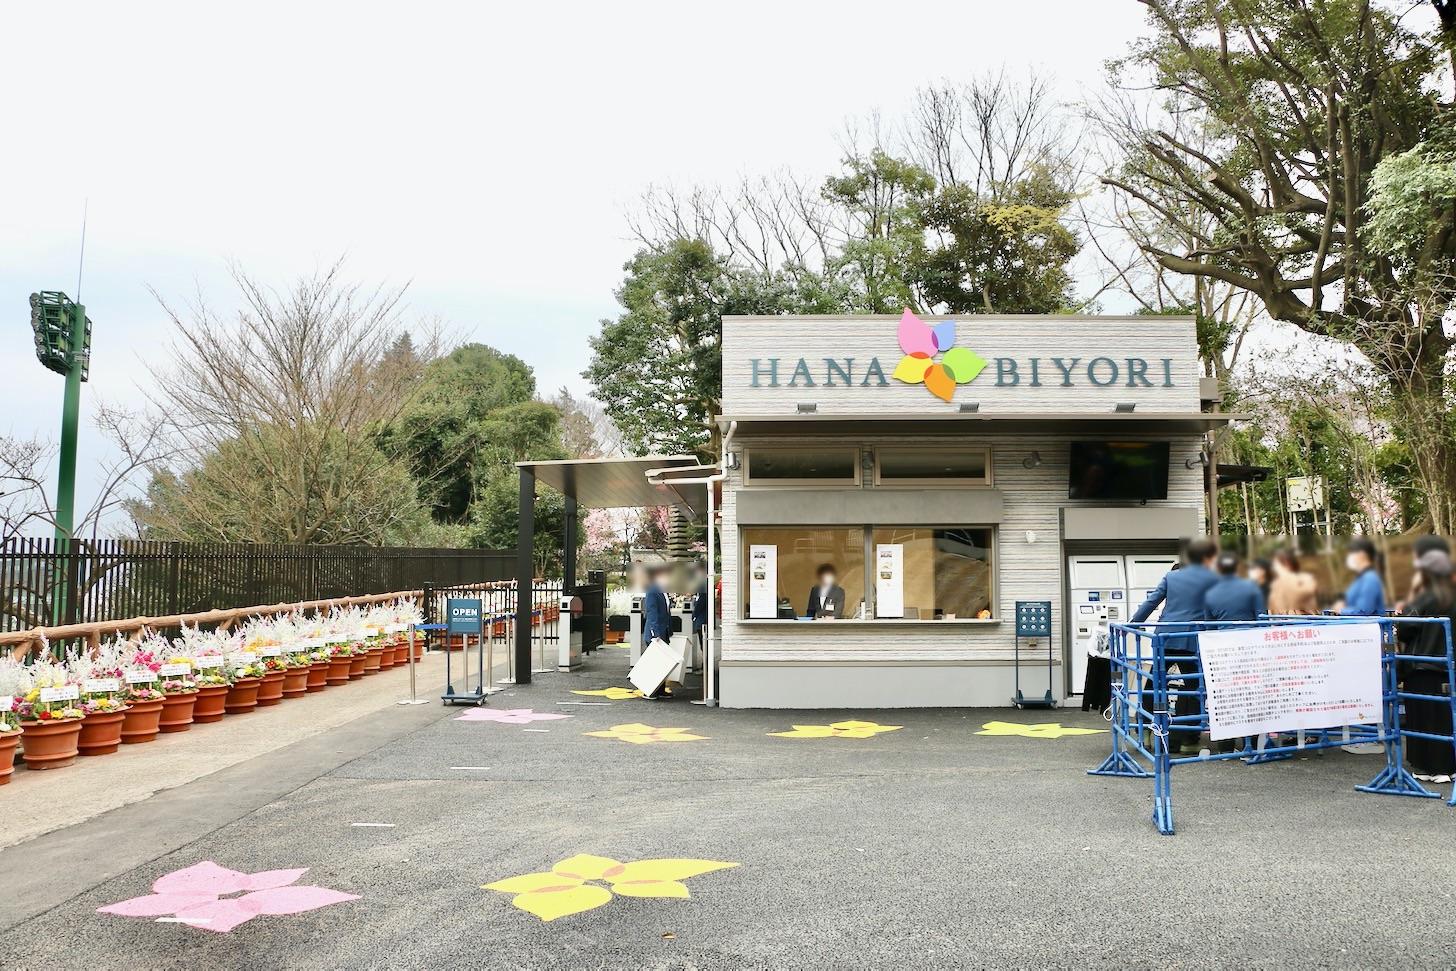 「HANA・BIYORI」入園口へ